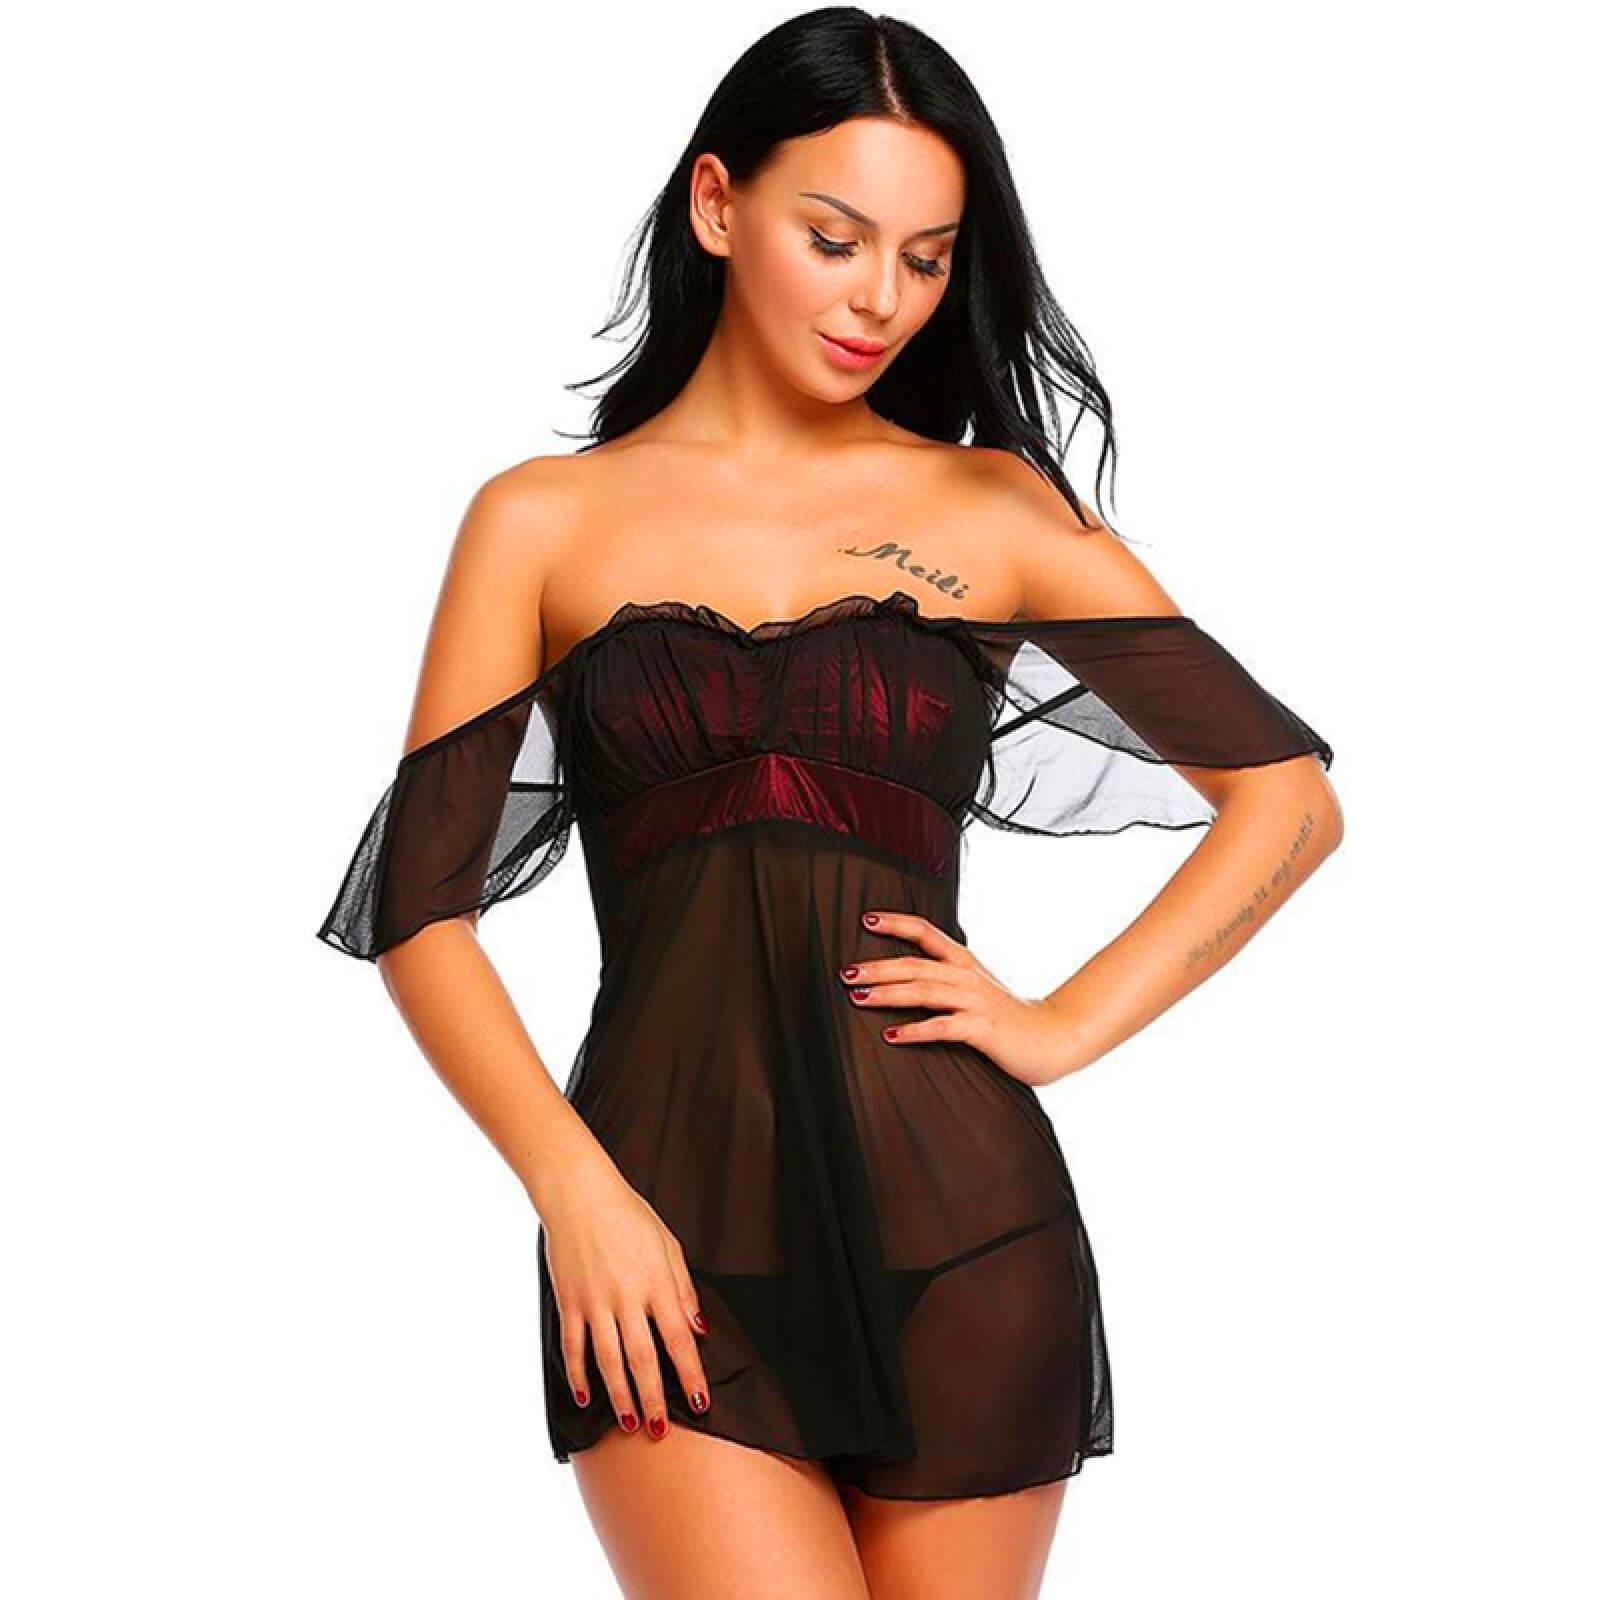 Lendgogo One-shoulder Lace Sexy Pajamas